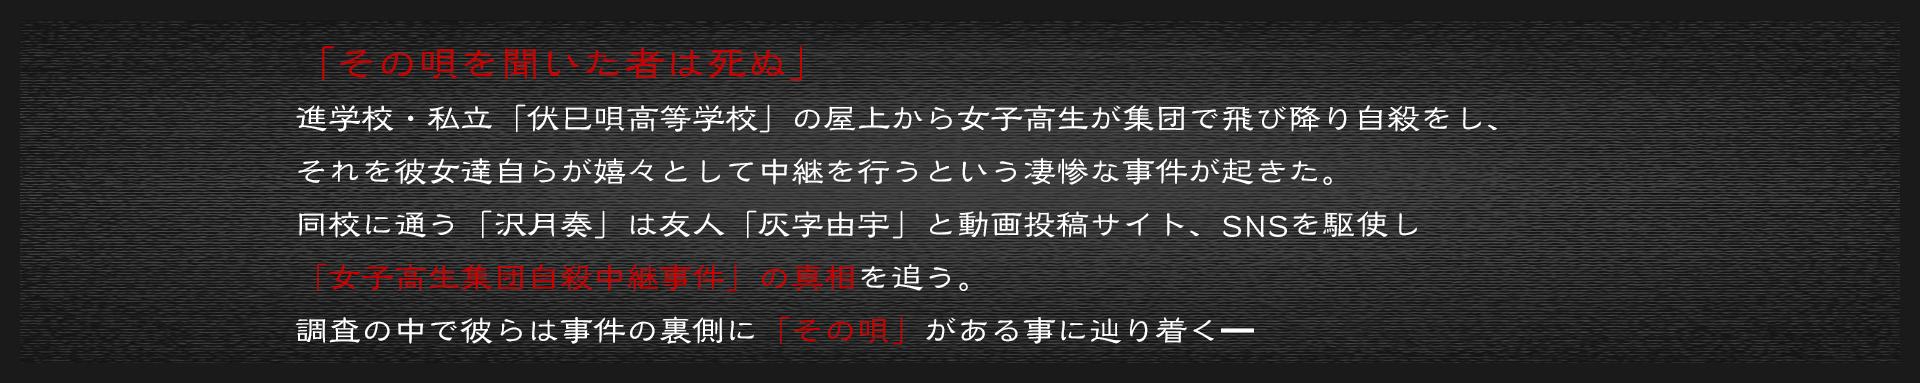 葛唄 -藤之歌- 1